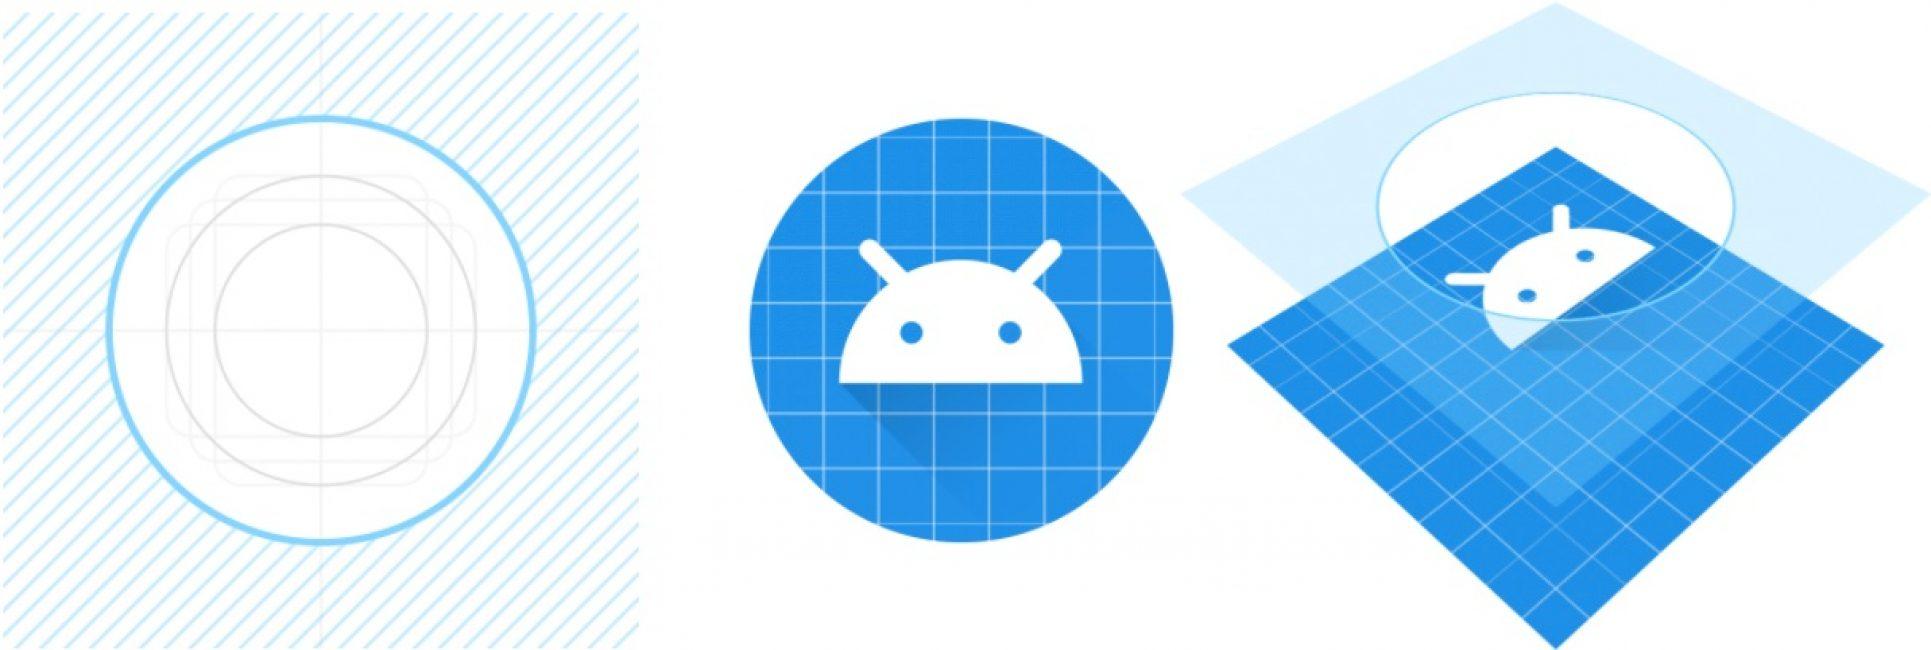 Новый стандарт иконок